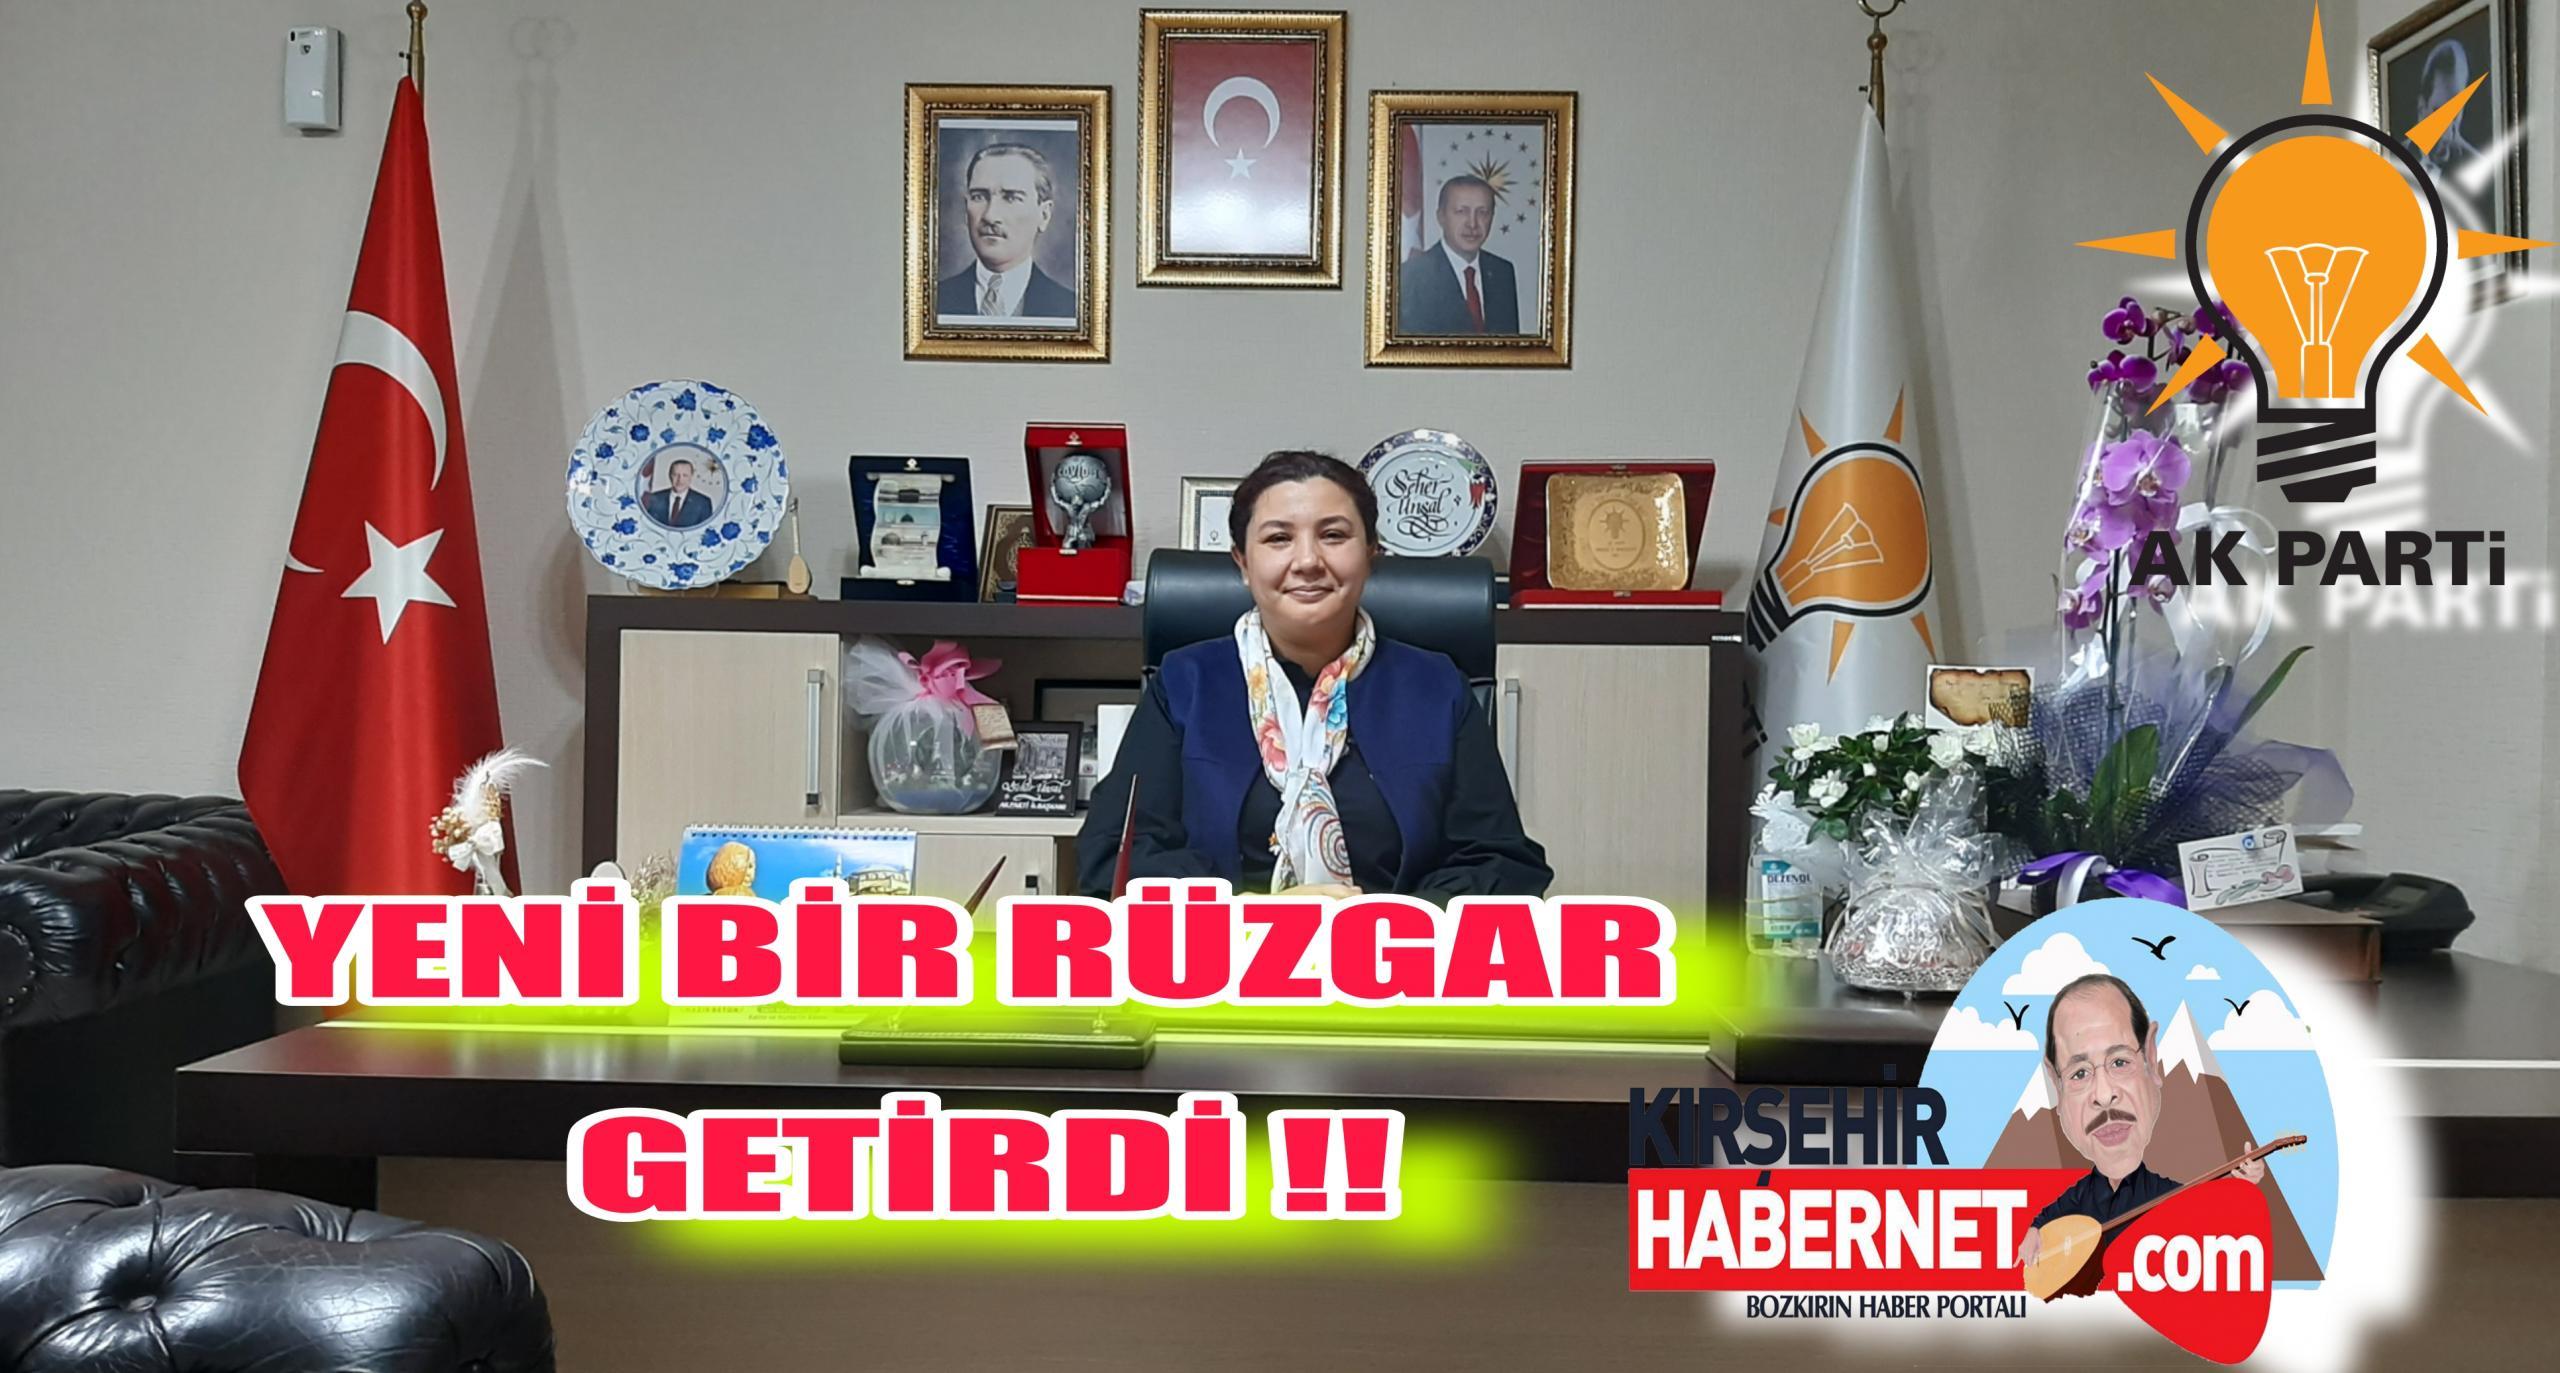 BAŞKAN ÜNSAL PARTİYE HEYECAN GETİRDİ !!